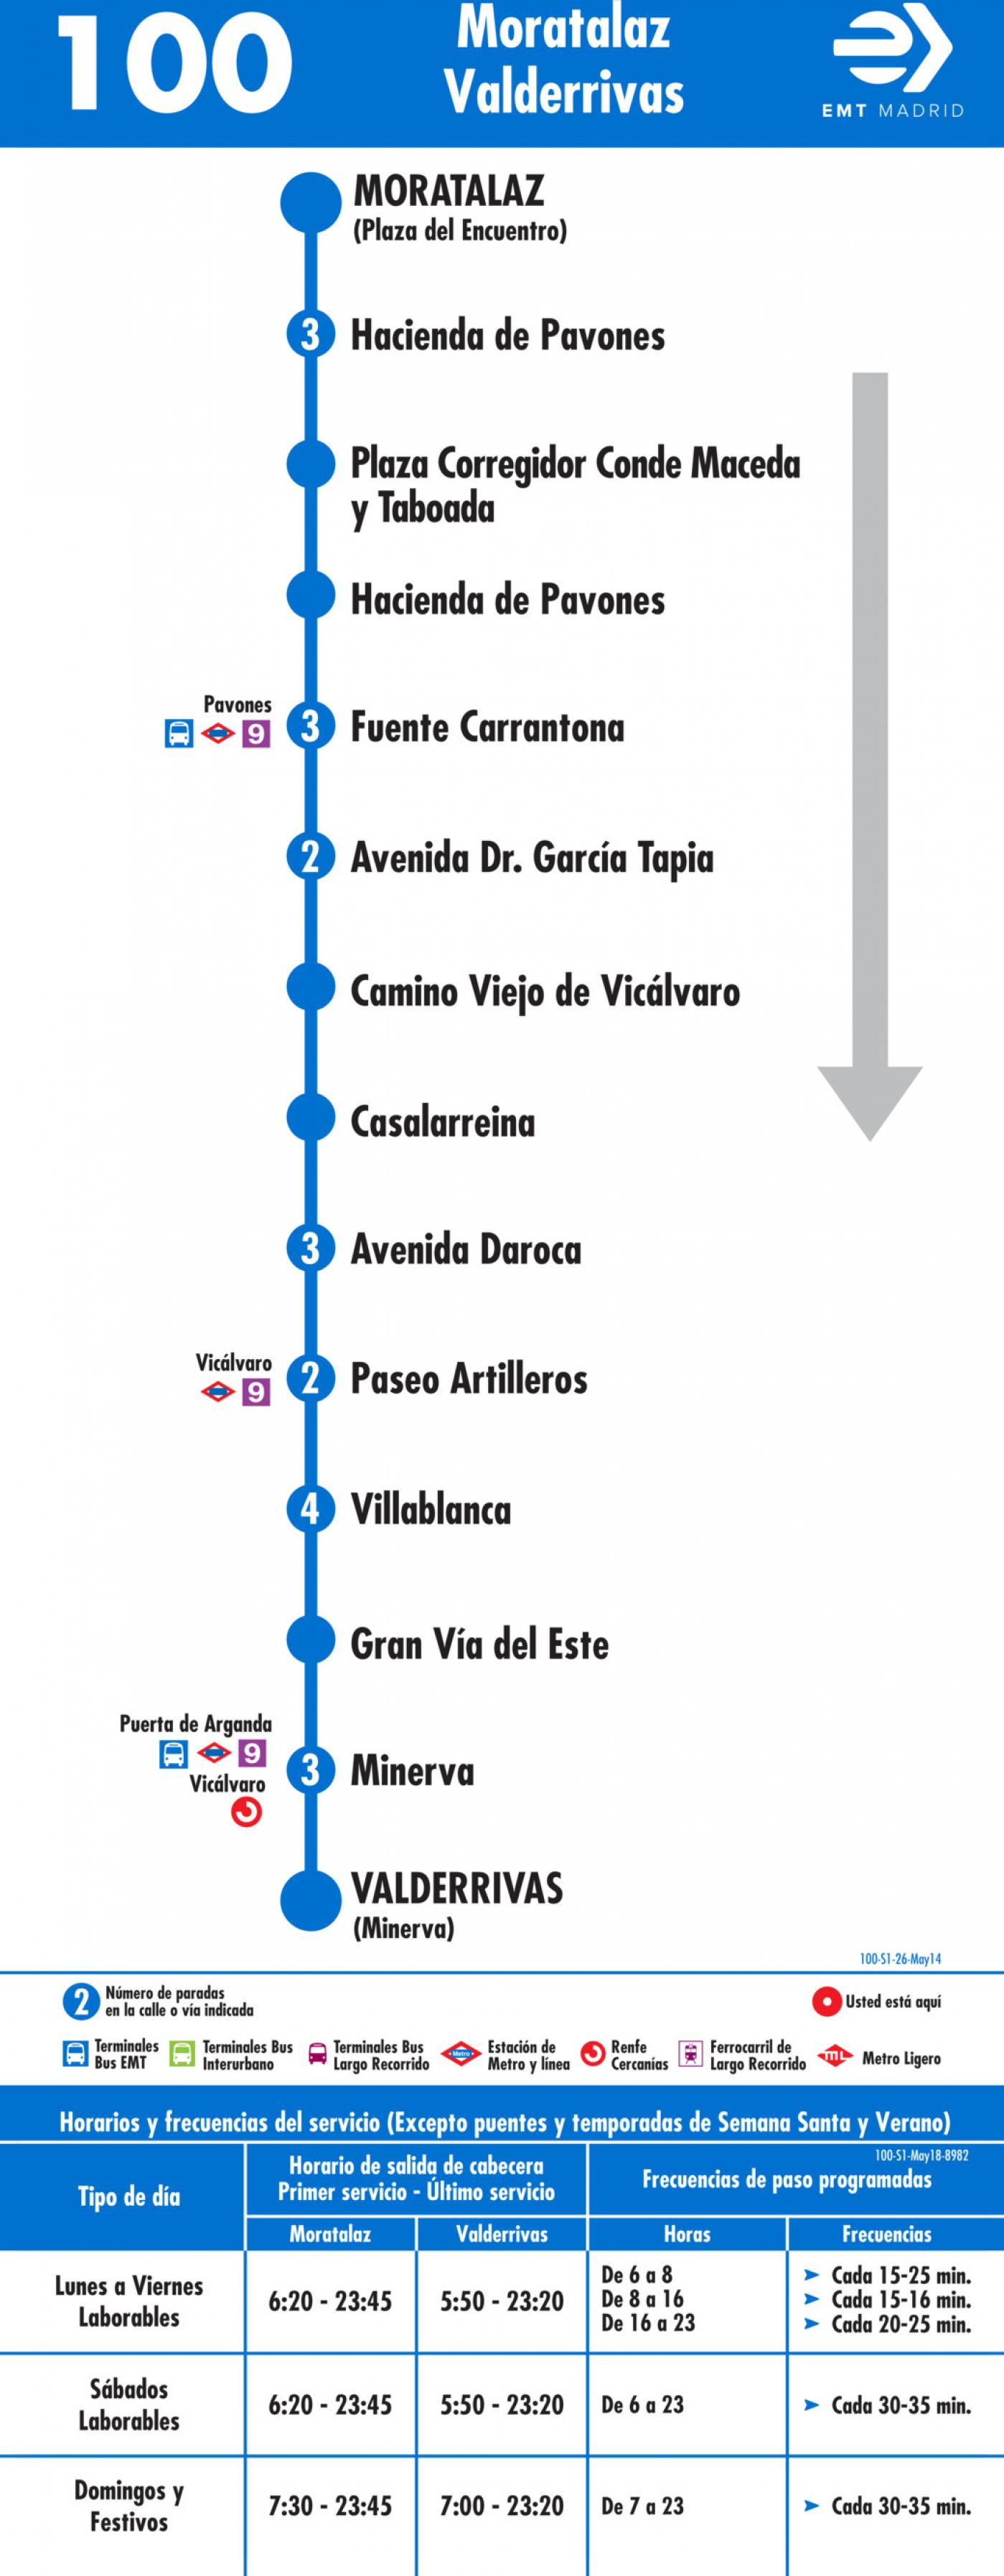 Tabla de horarios y frecuencias de paso en sentido ida Línea 100: Moratalaz - Valderrivas